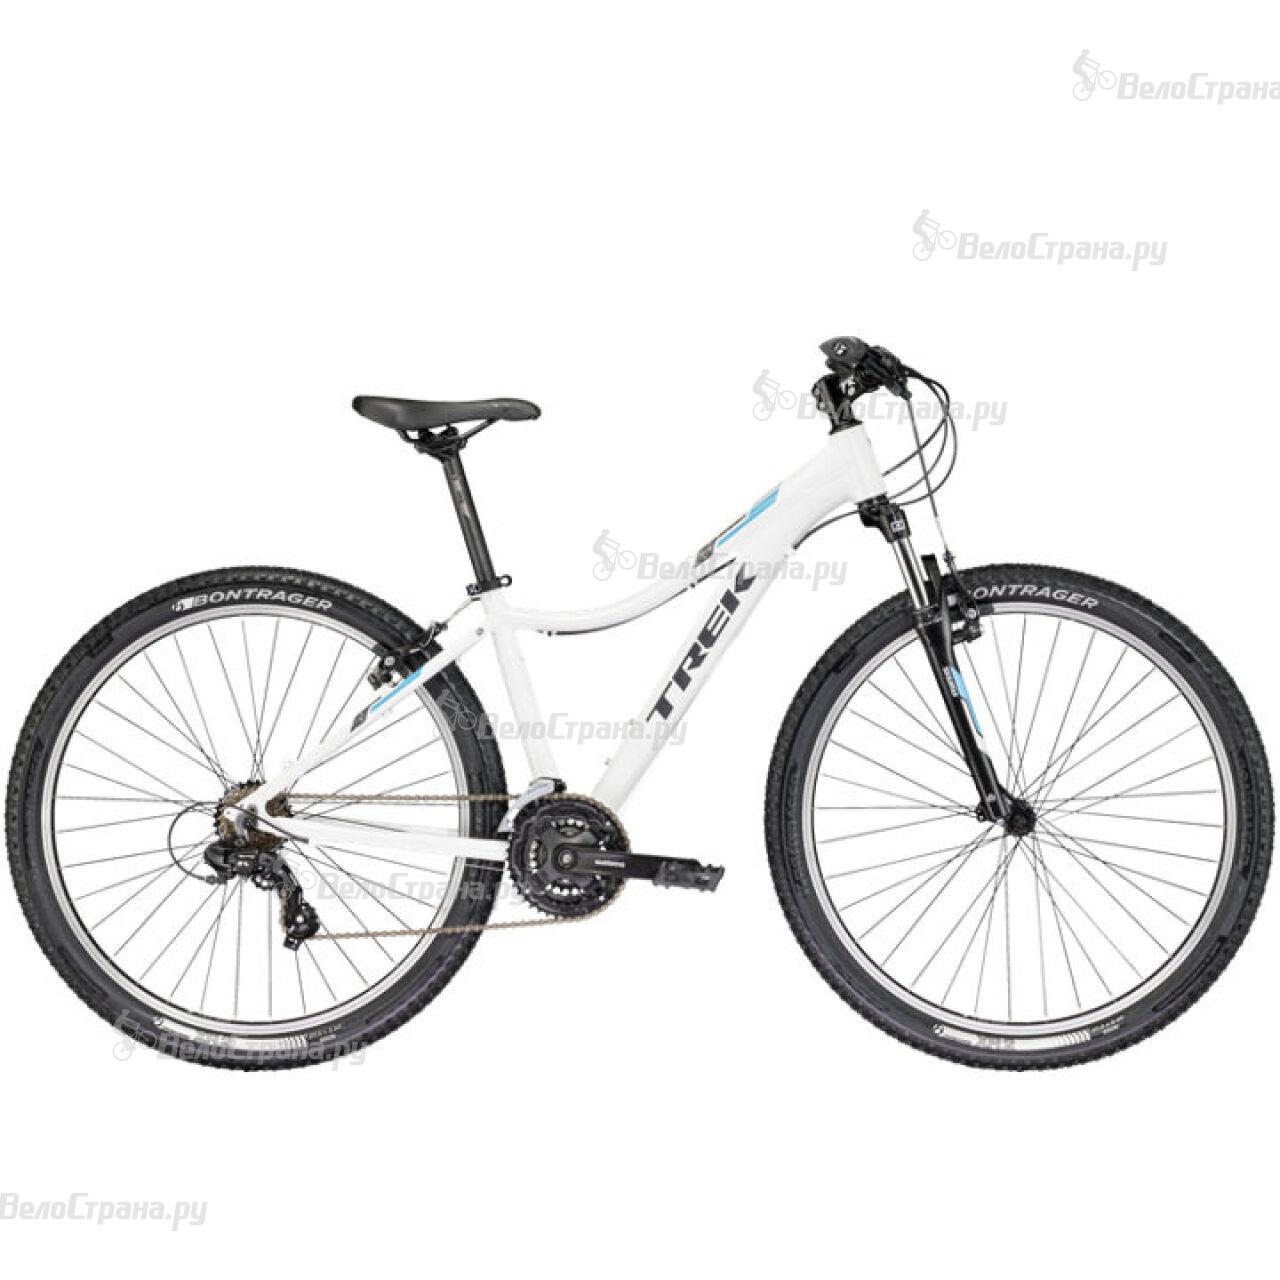 Велосипед Trek Skye WSD 29 (2017) велосипед trek madone 3 1 wsd 2013